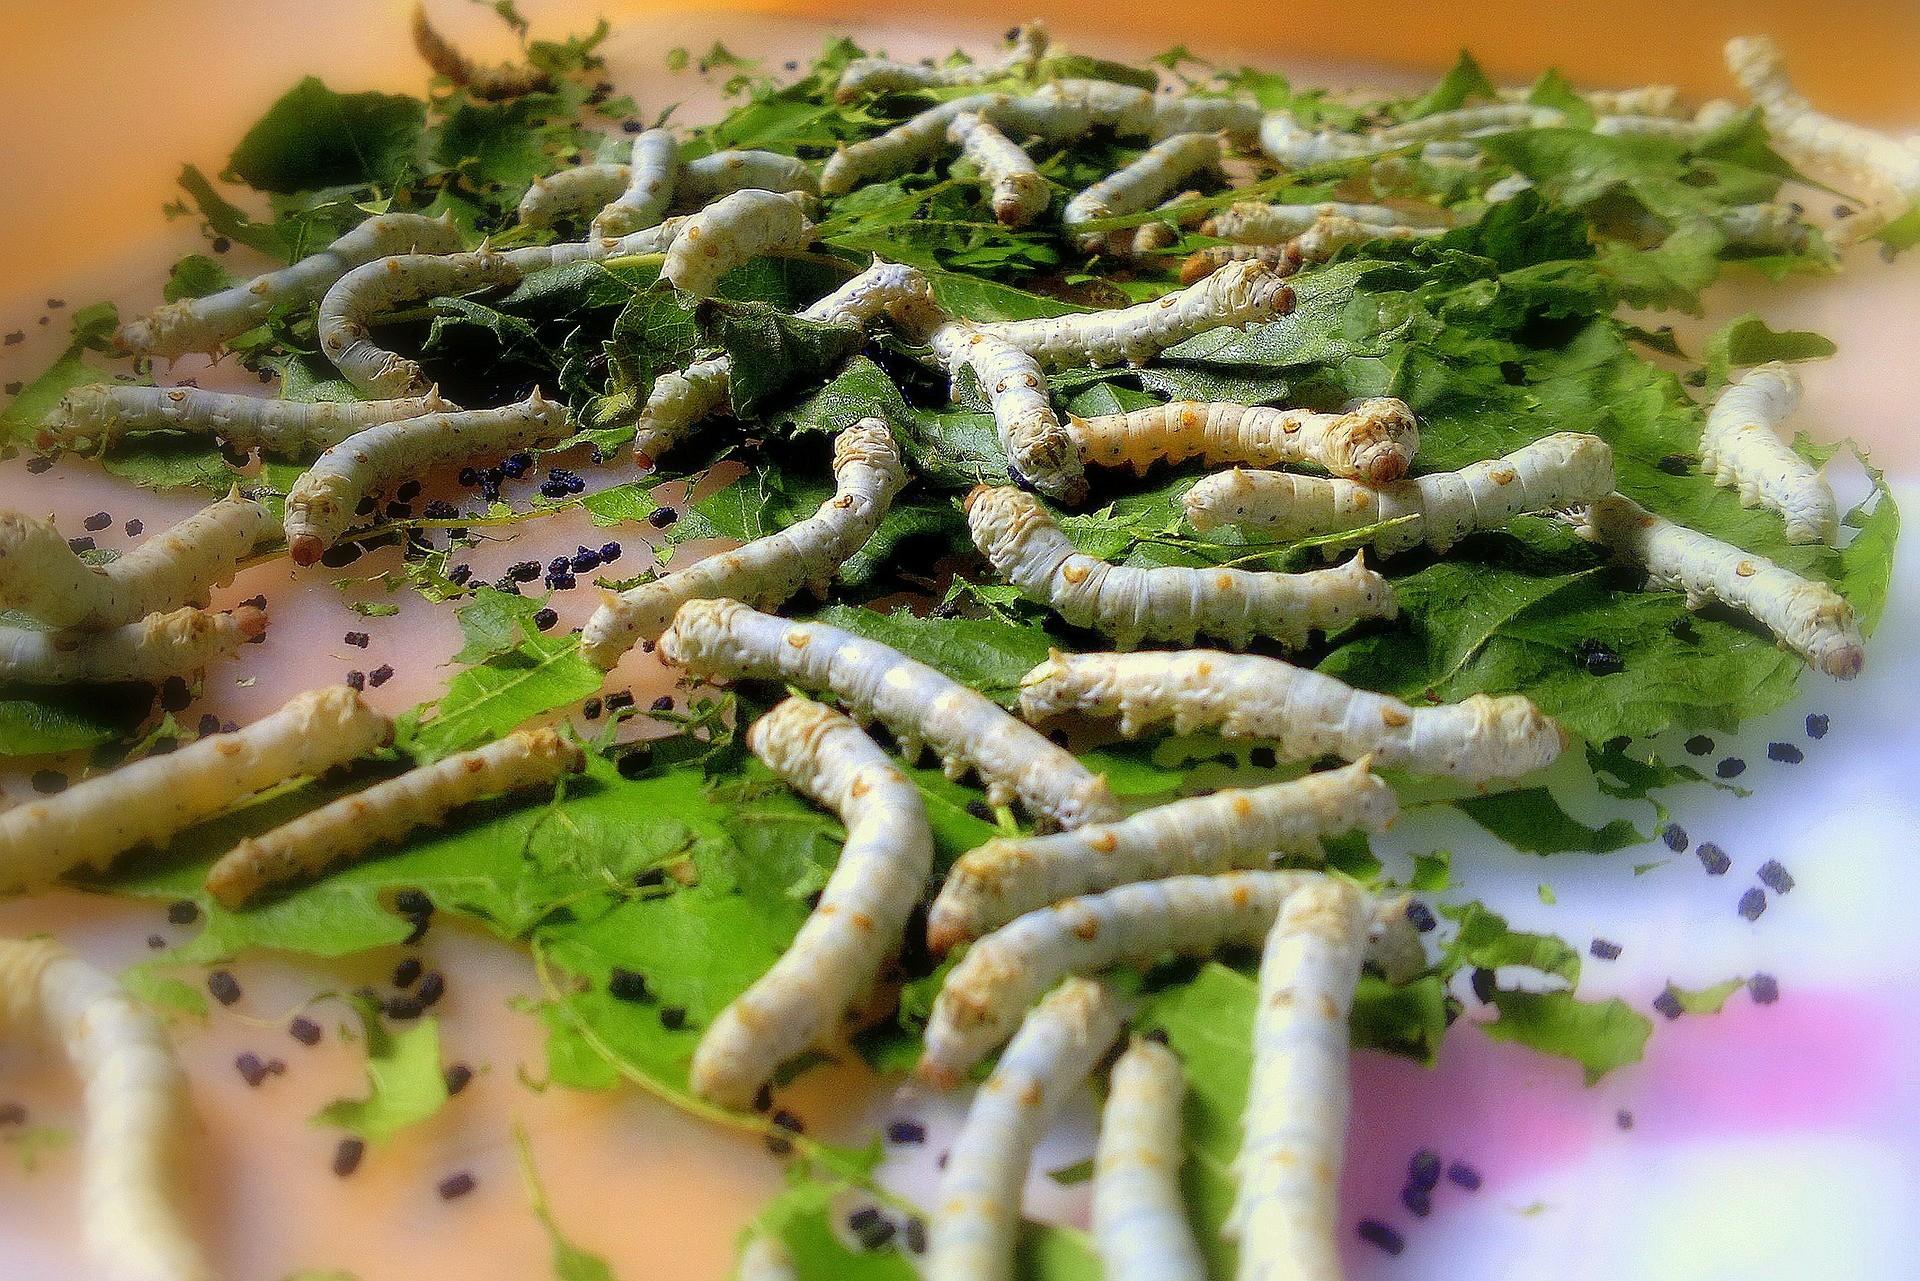 Una investigación para lograr materiales inteligentes se basa en alimentar gusanos con grafeno.